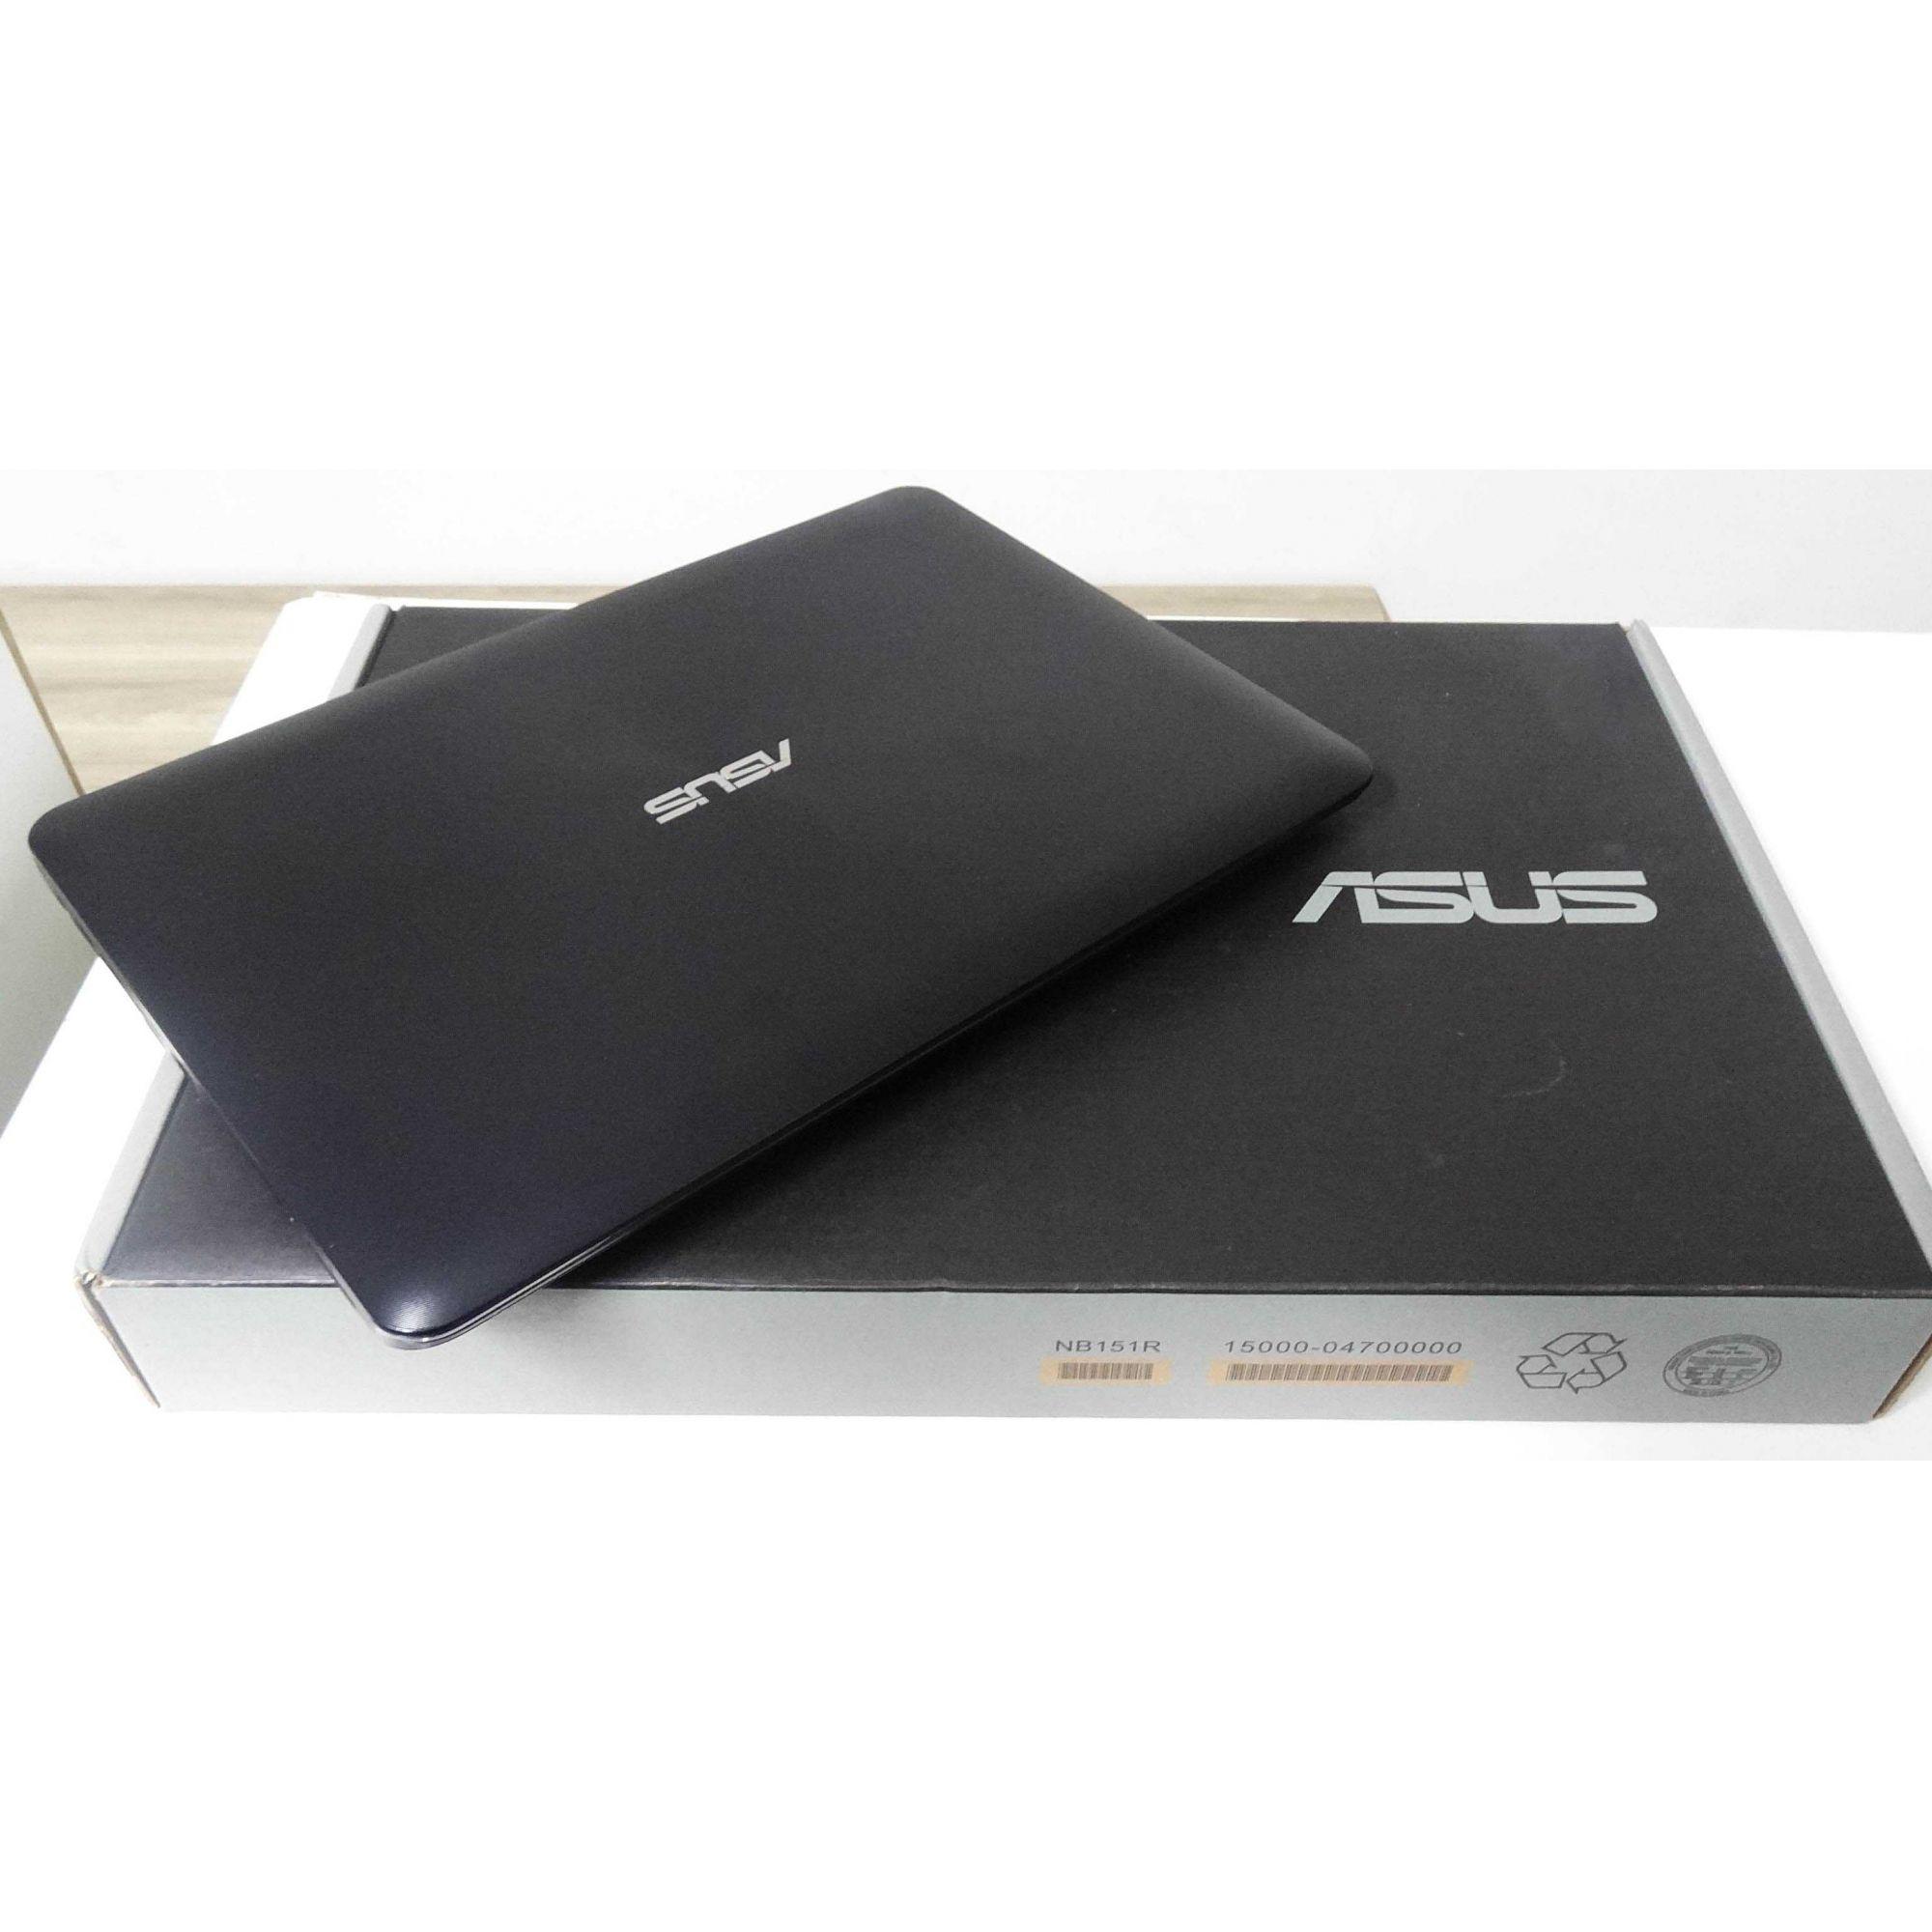 """Notebook Asus Z450L 14"""" Intel Core i3 1.7GHz 4GB 1TB HD"""